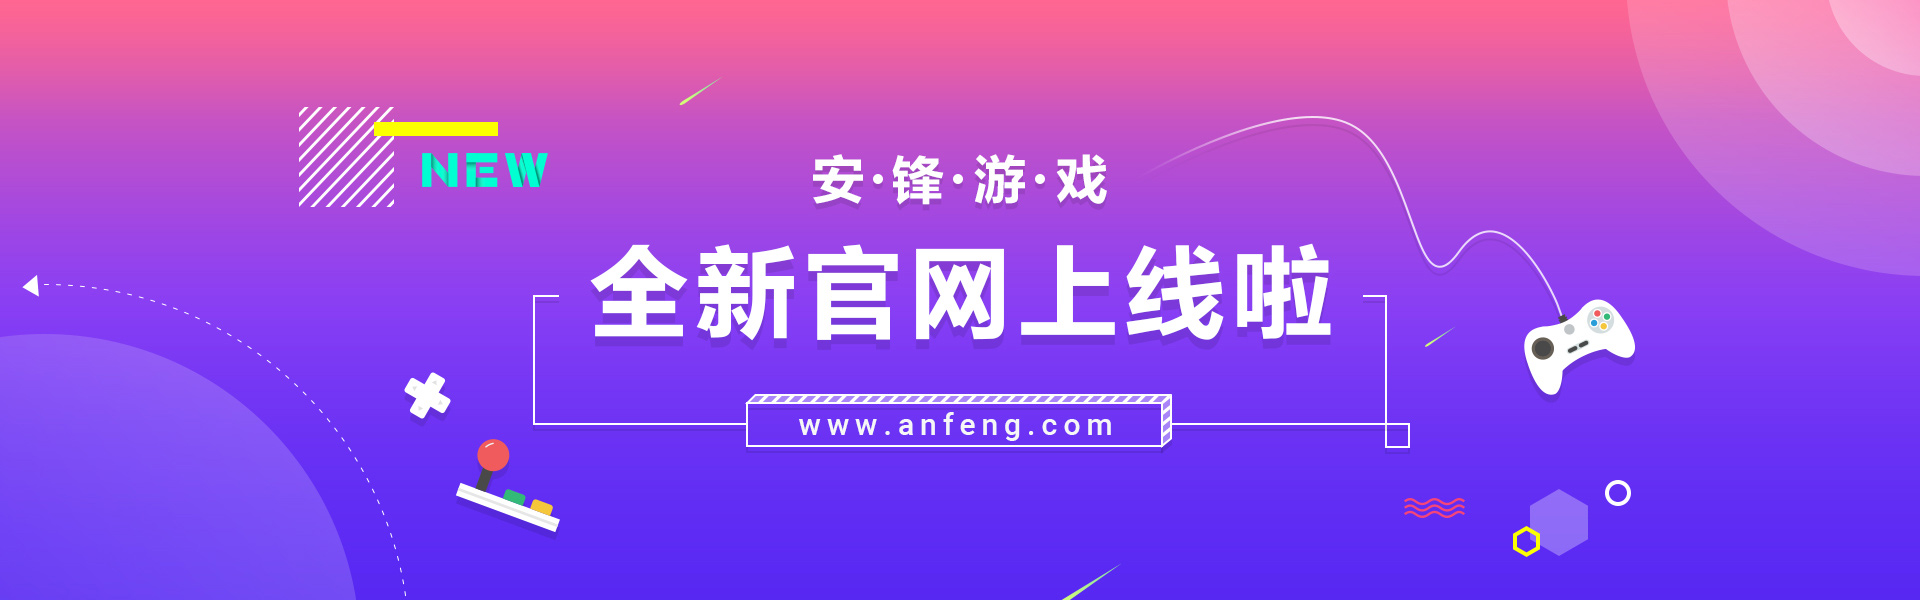 新版官网全新上线